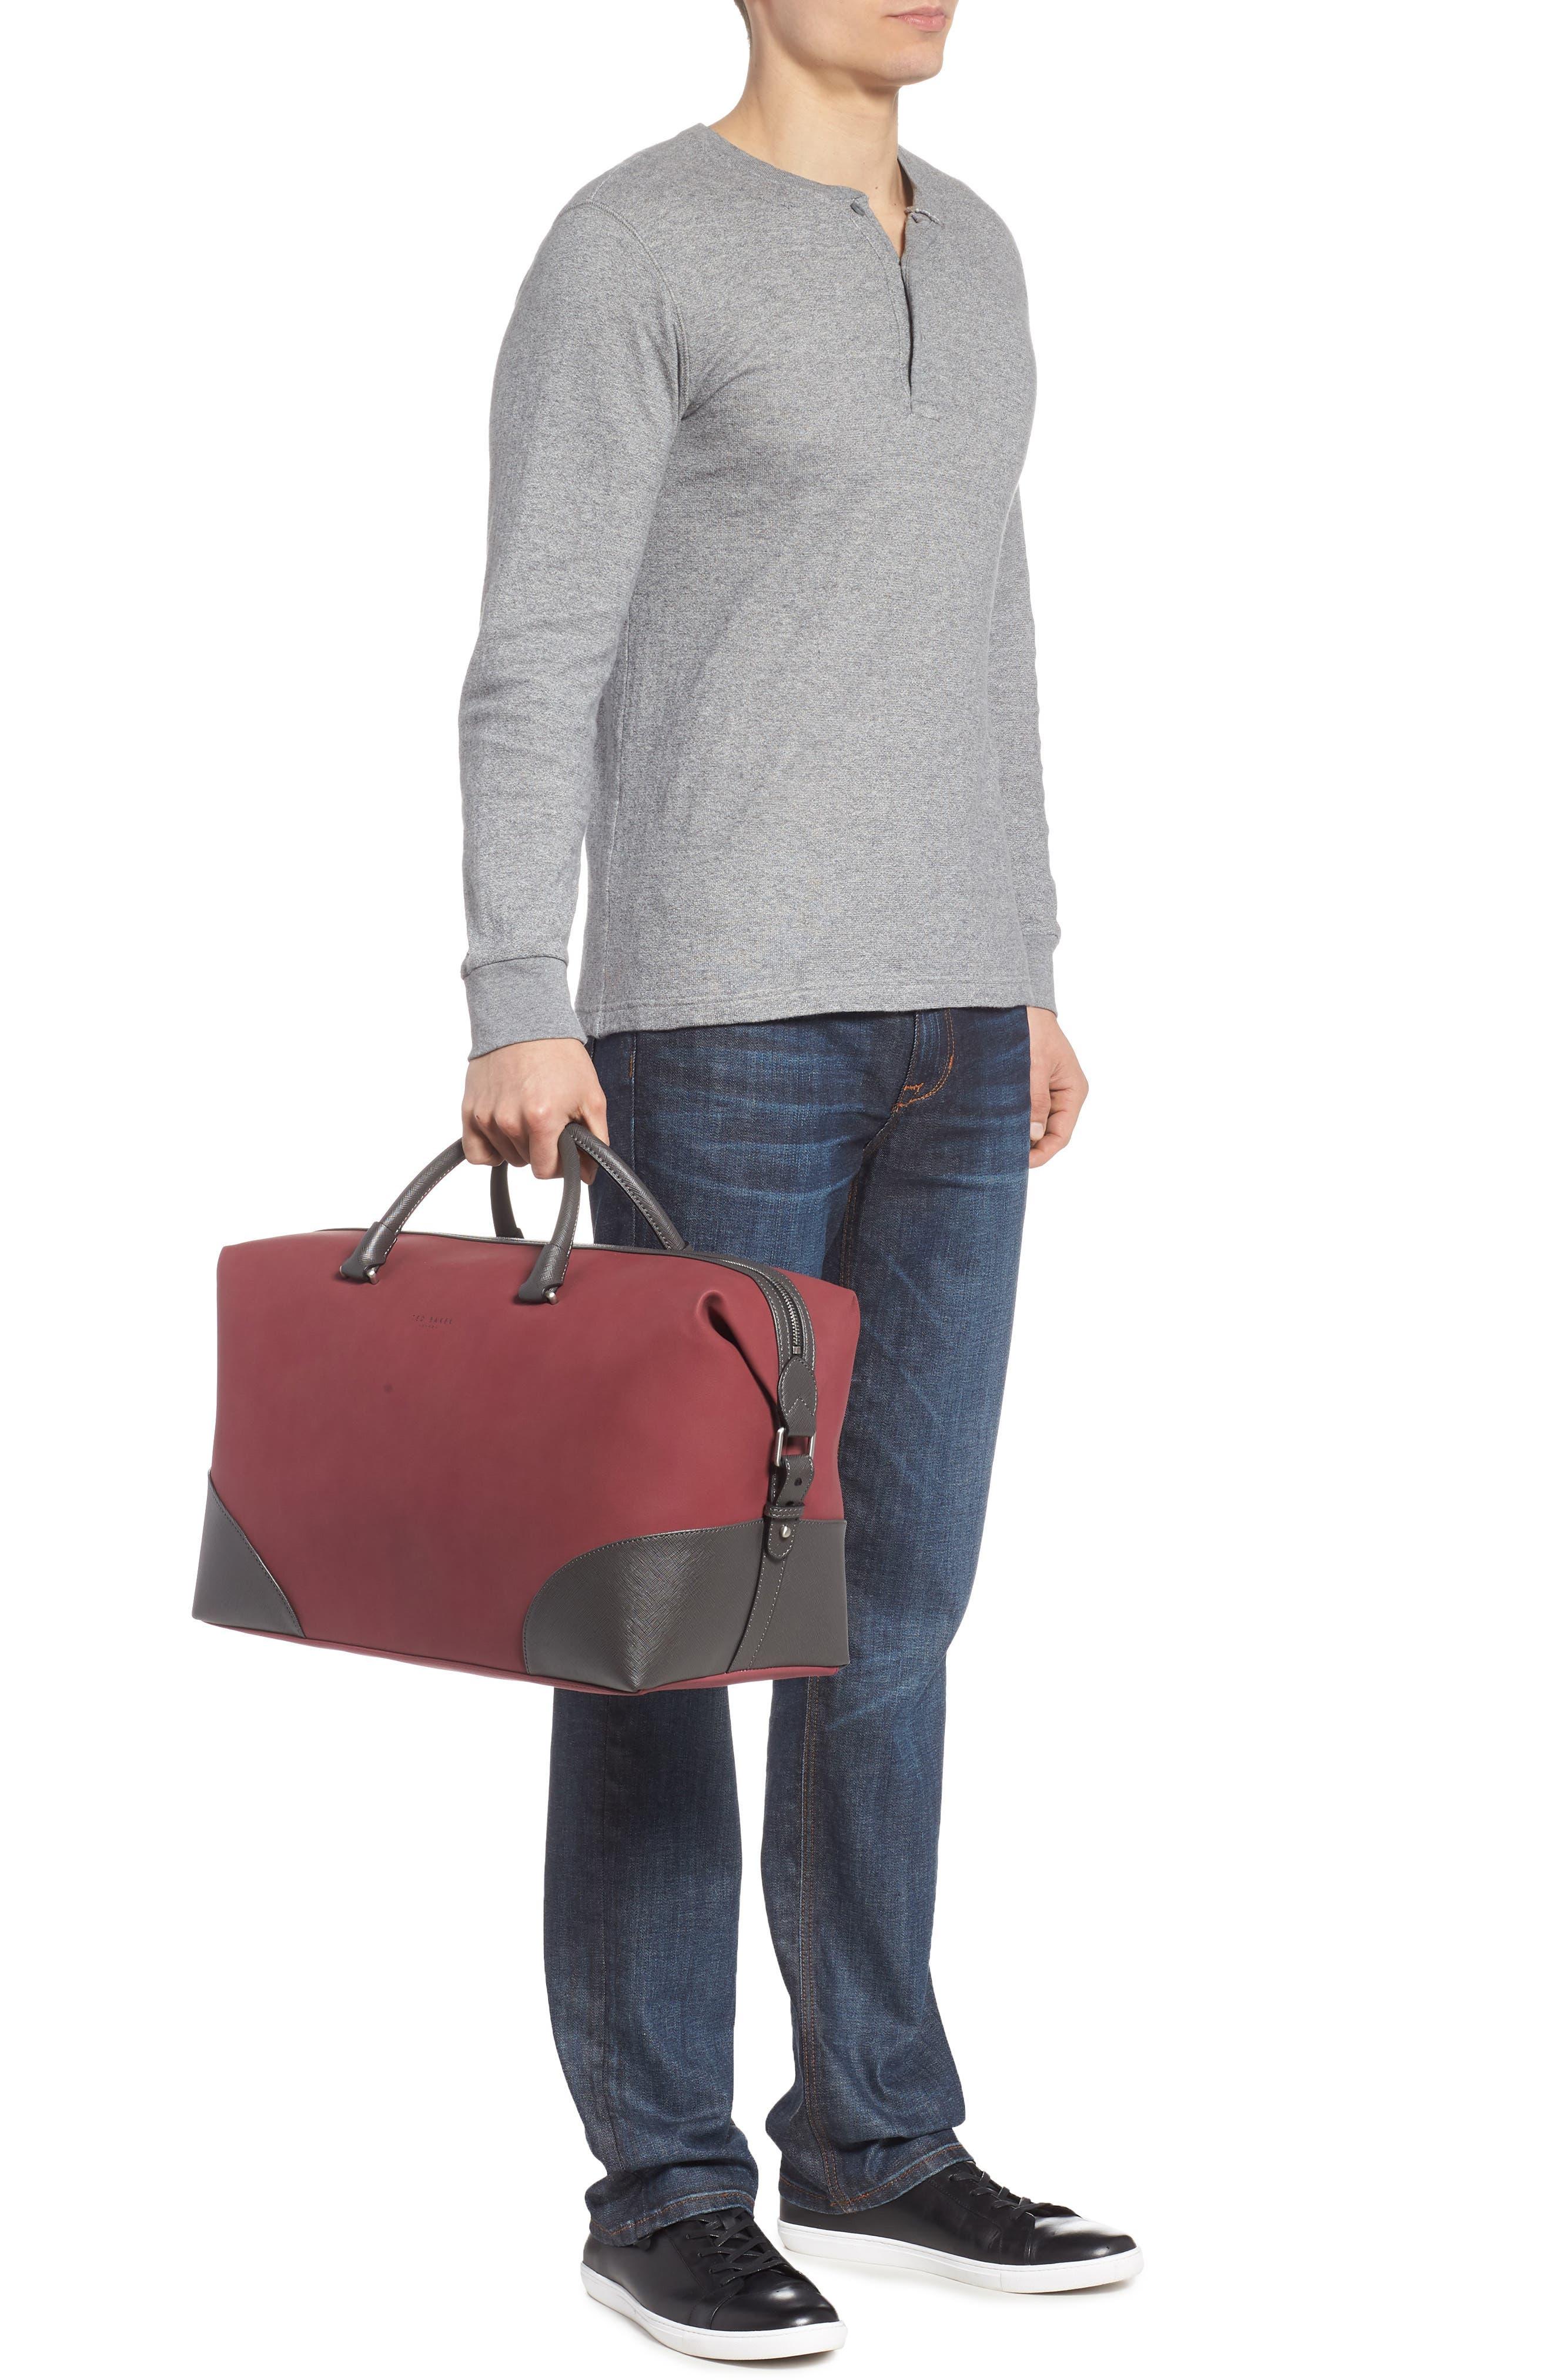 Swipes Duffel Bag,                             Alternate thumbnail 2, color,                             Red